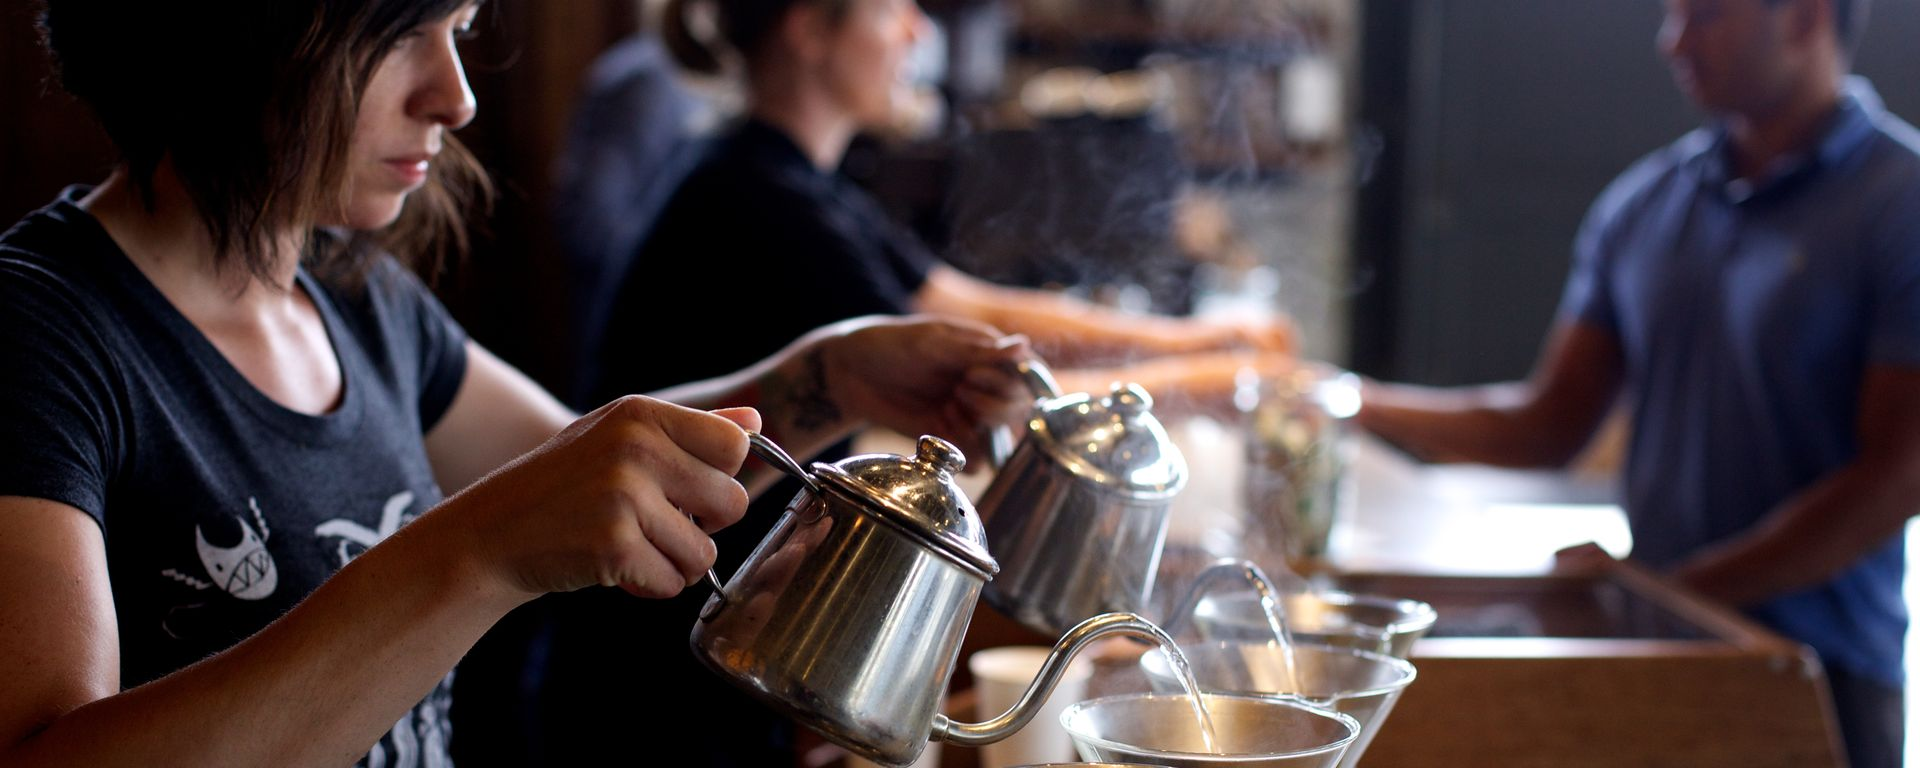 Barista at Coava Coffee